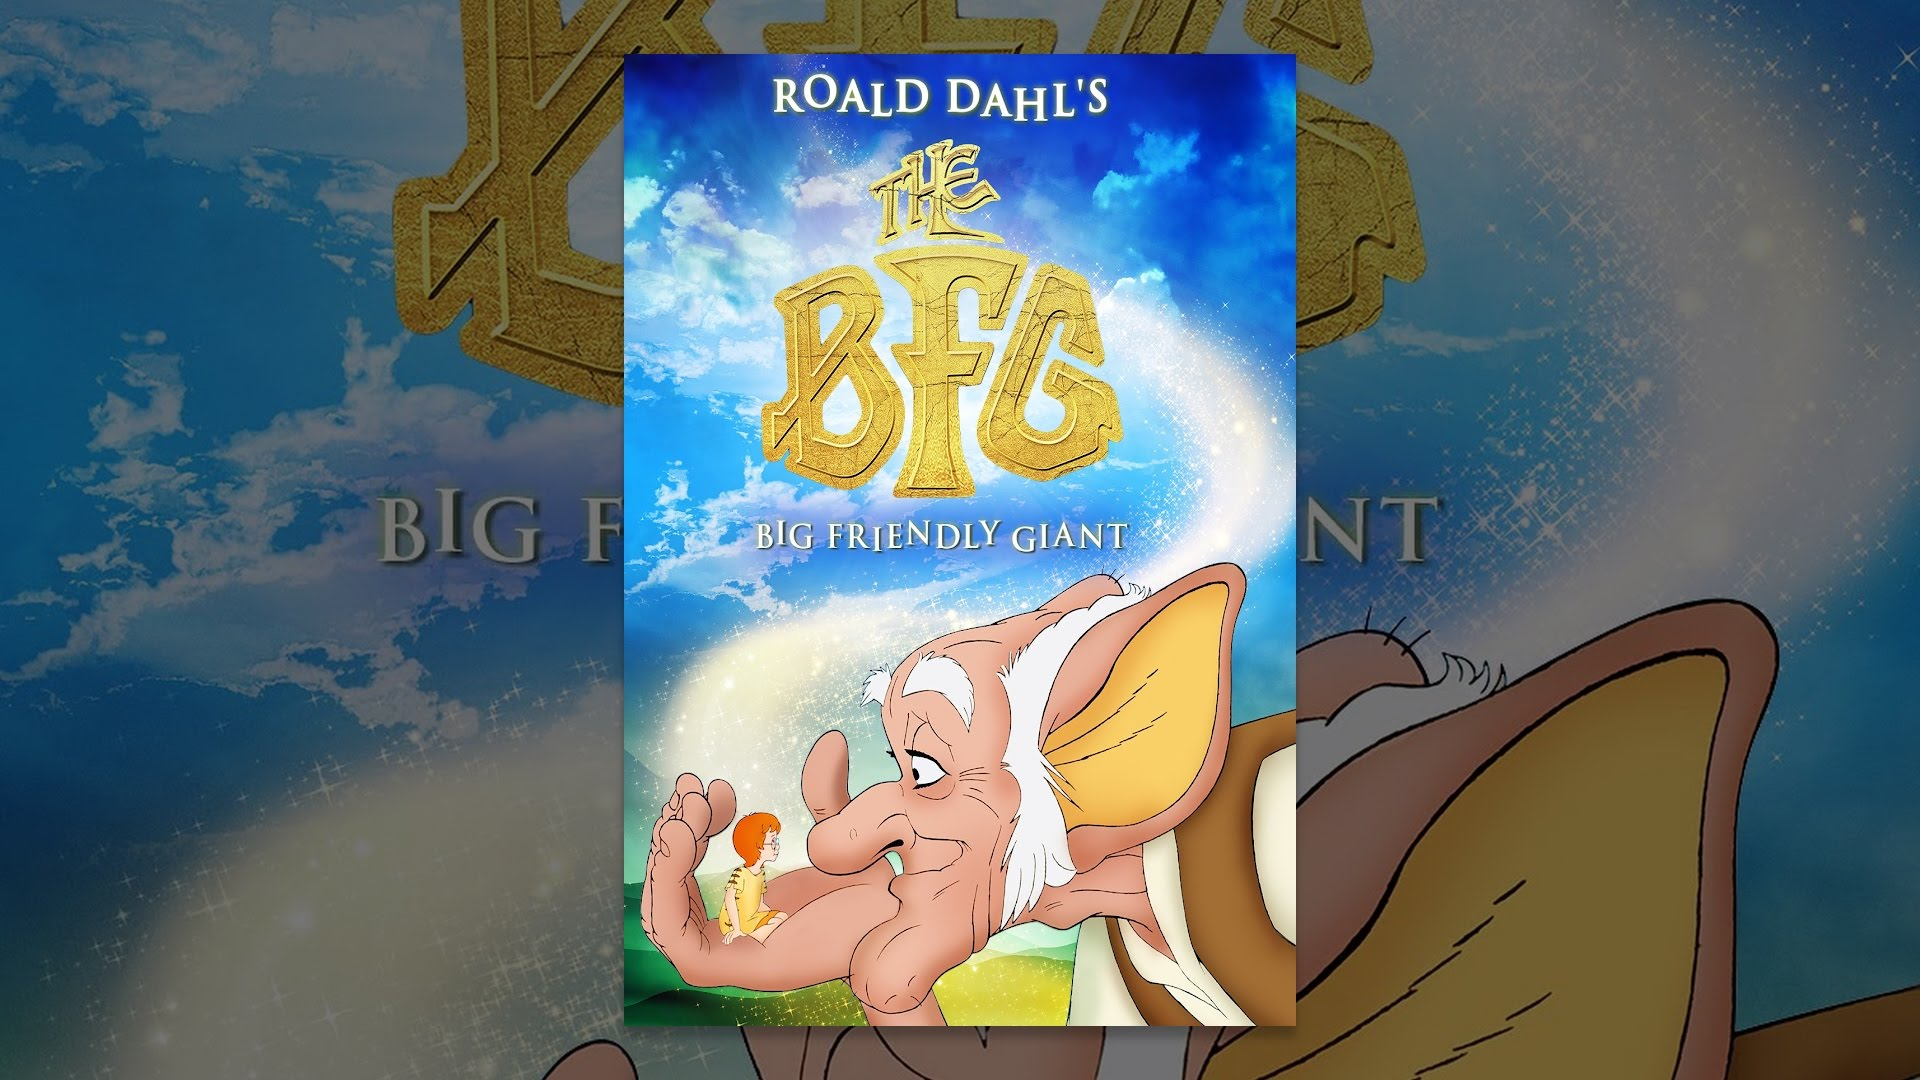 Download Roald Dahl's The BFG